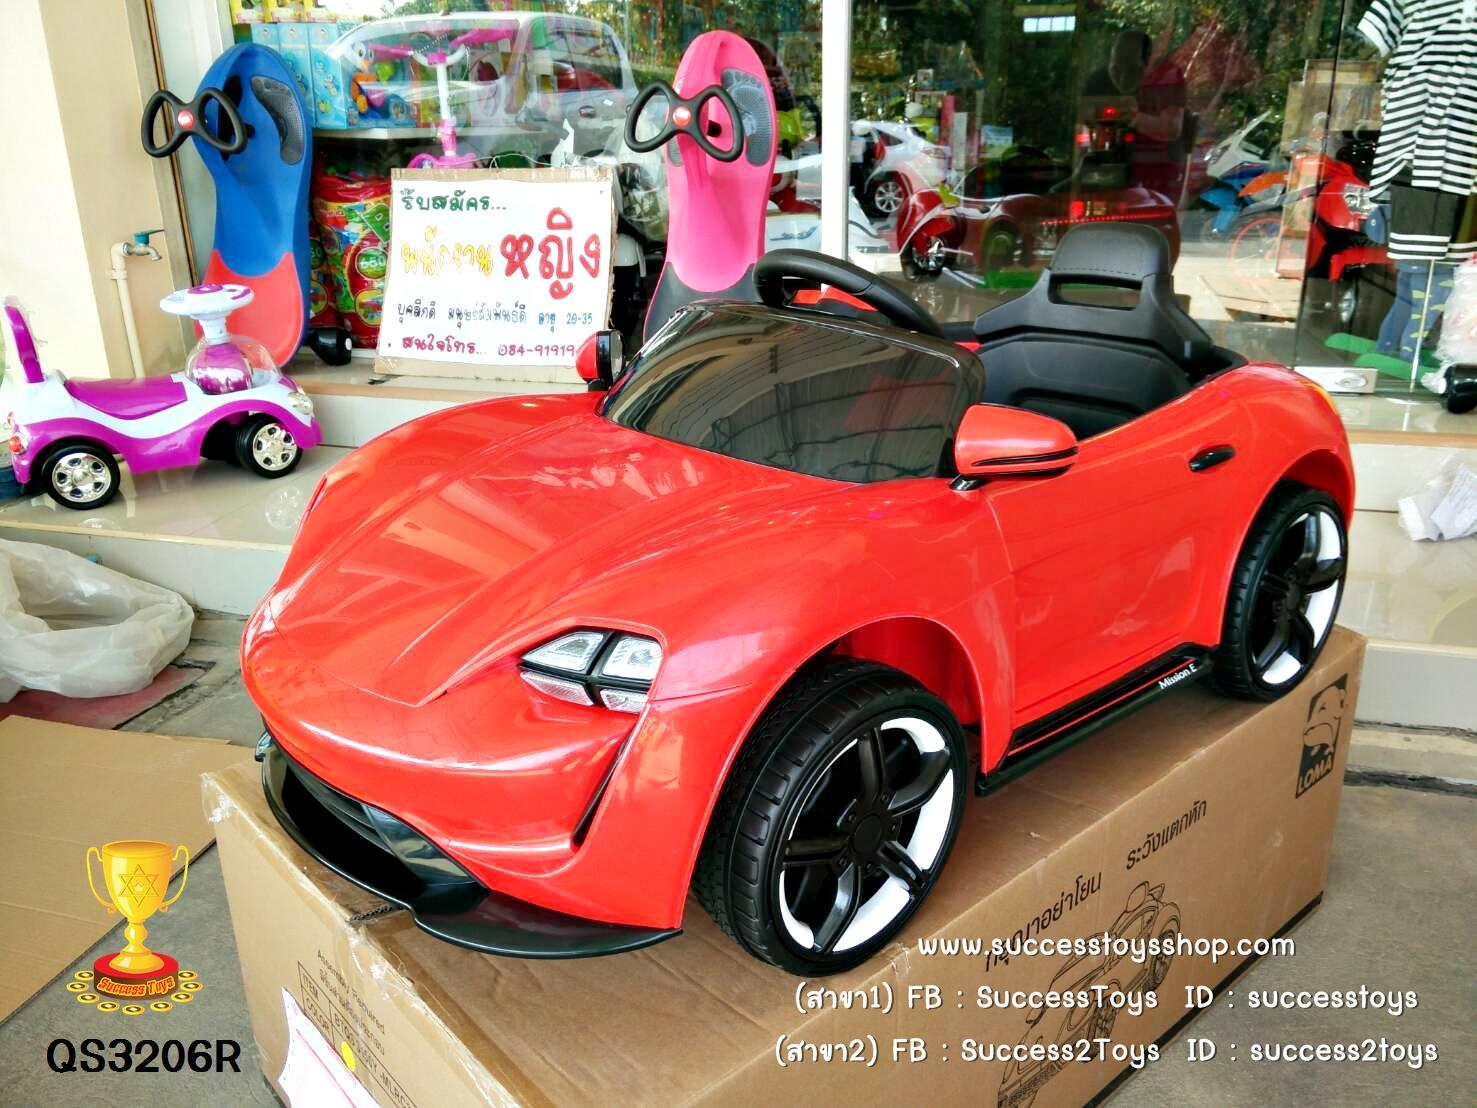 QS3206R รถแบตเตอรี่เด็กนั่งไฟฟ้า ยี่ห้อPORSCHE สีแดง